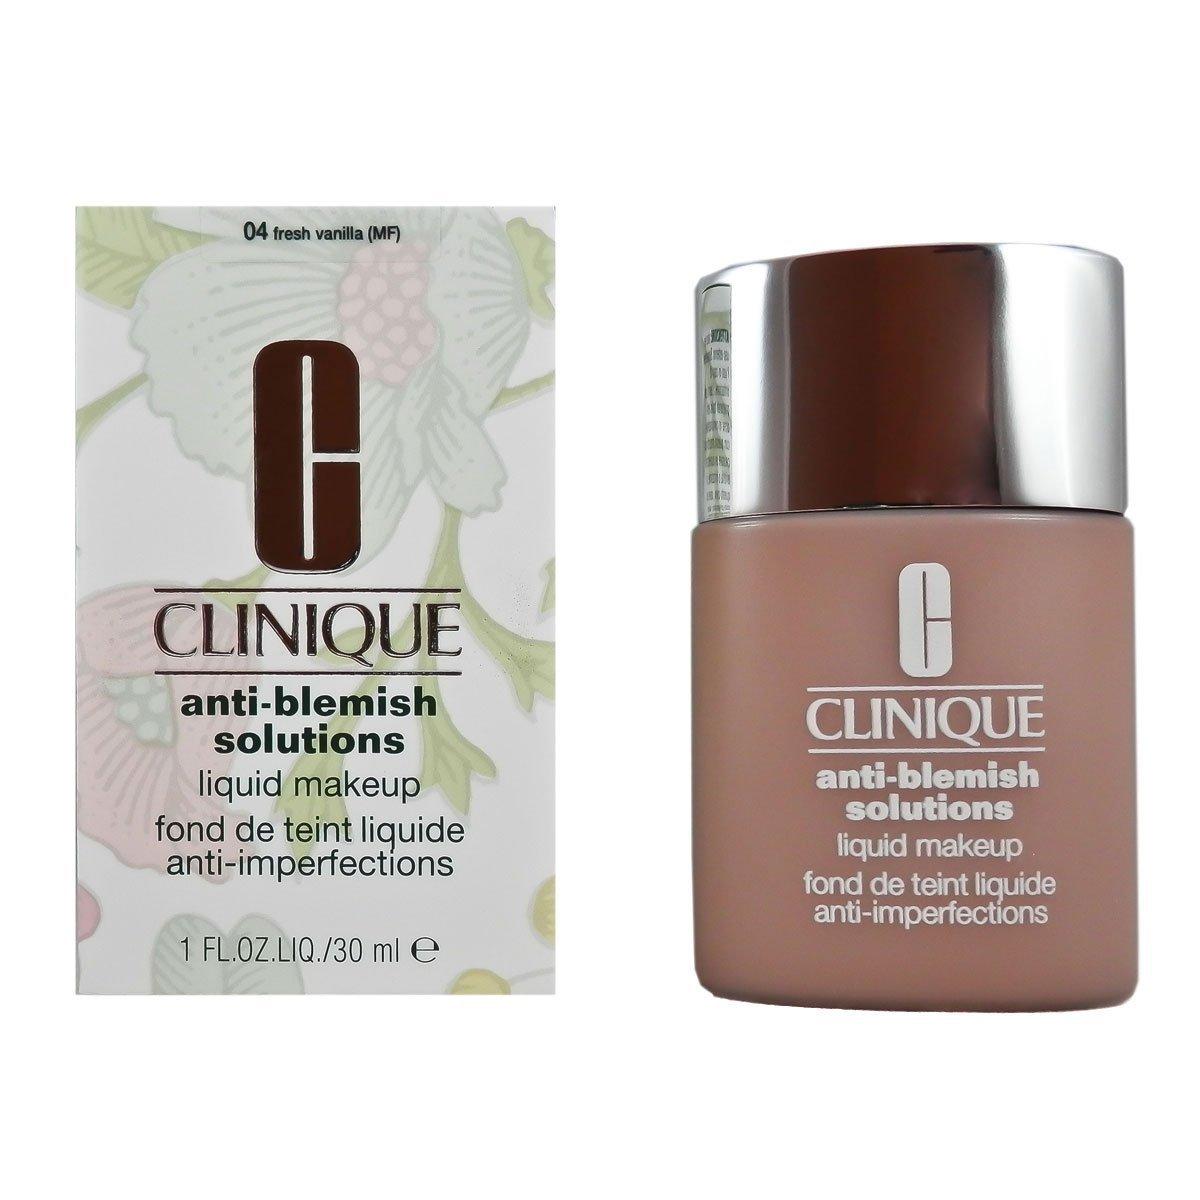 Clinique anti blemish solutions liquid makeup 70 vanilla